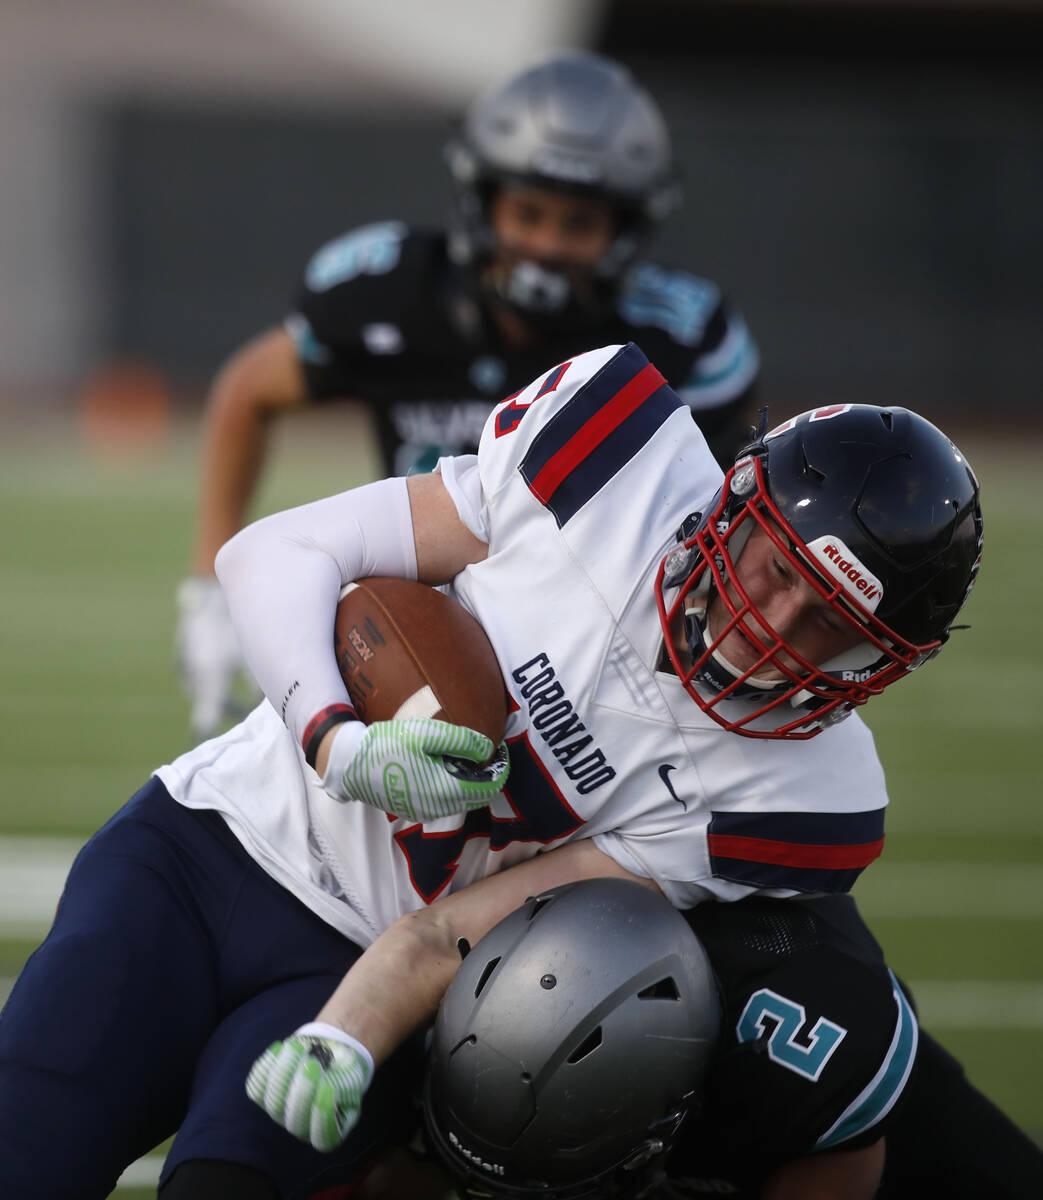 Coronado High School's Brady Kennedy (17) plays against Silverado High School's Donavyn Pellot ...